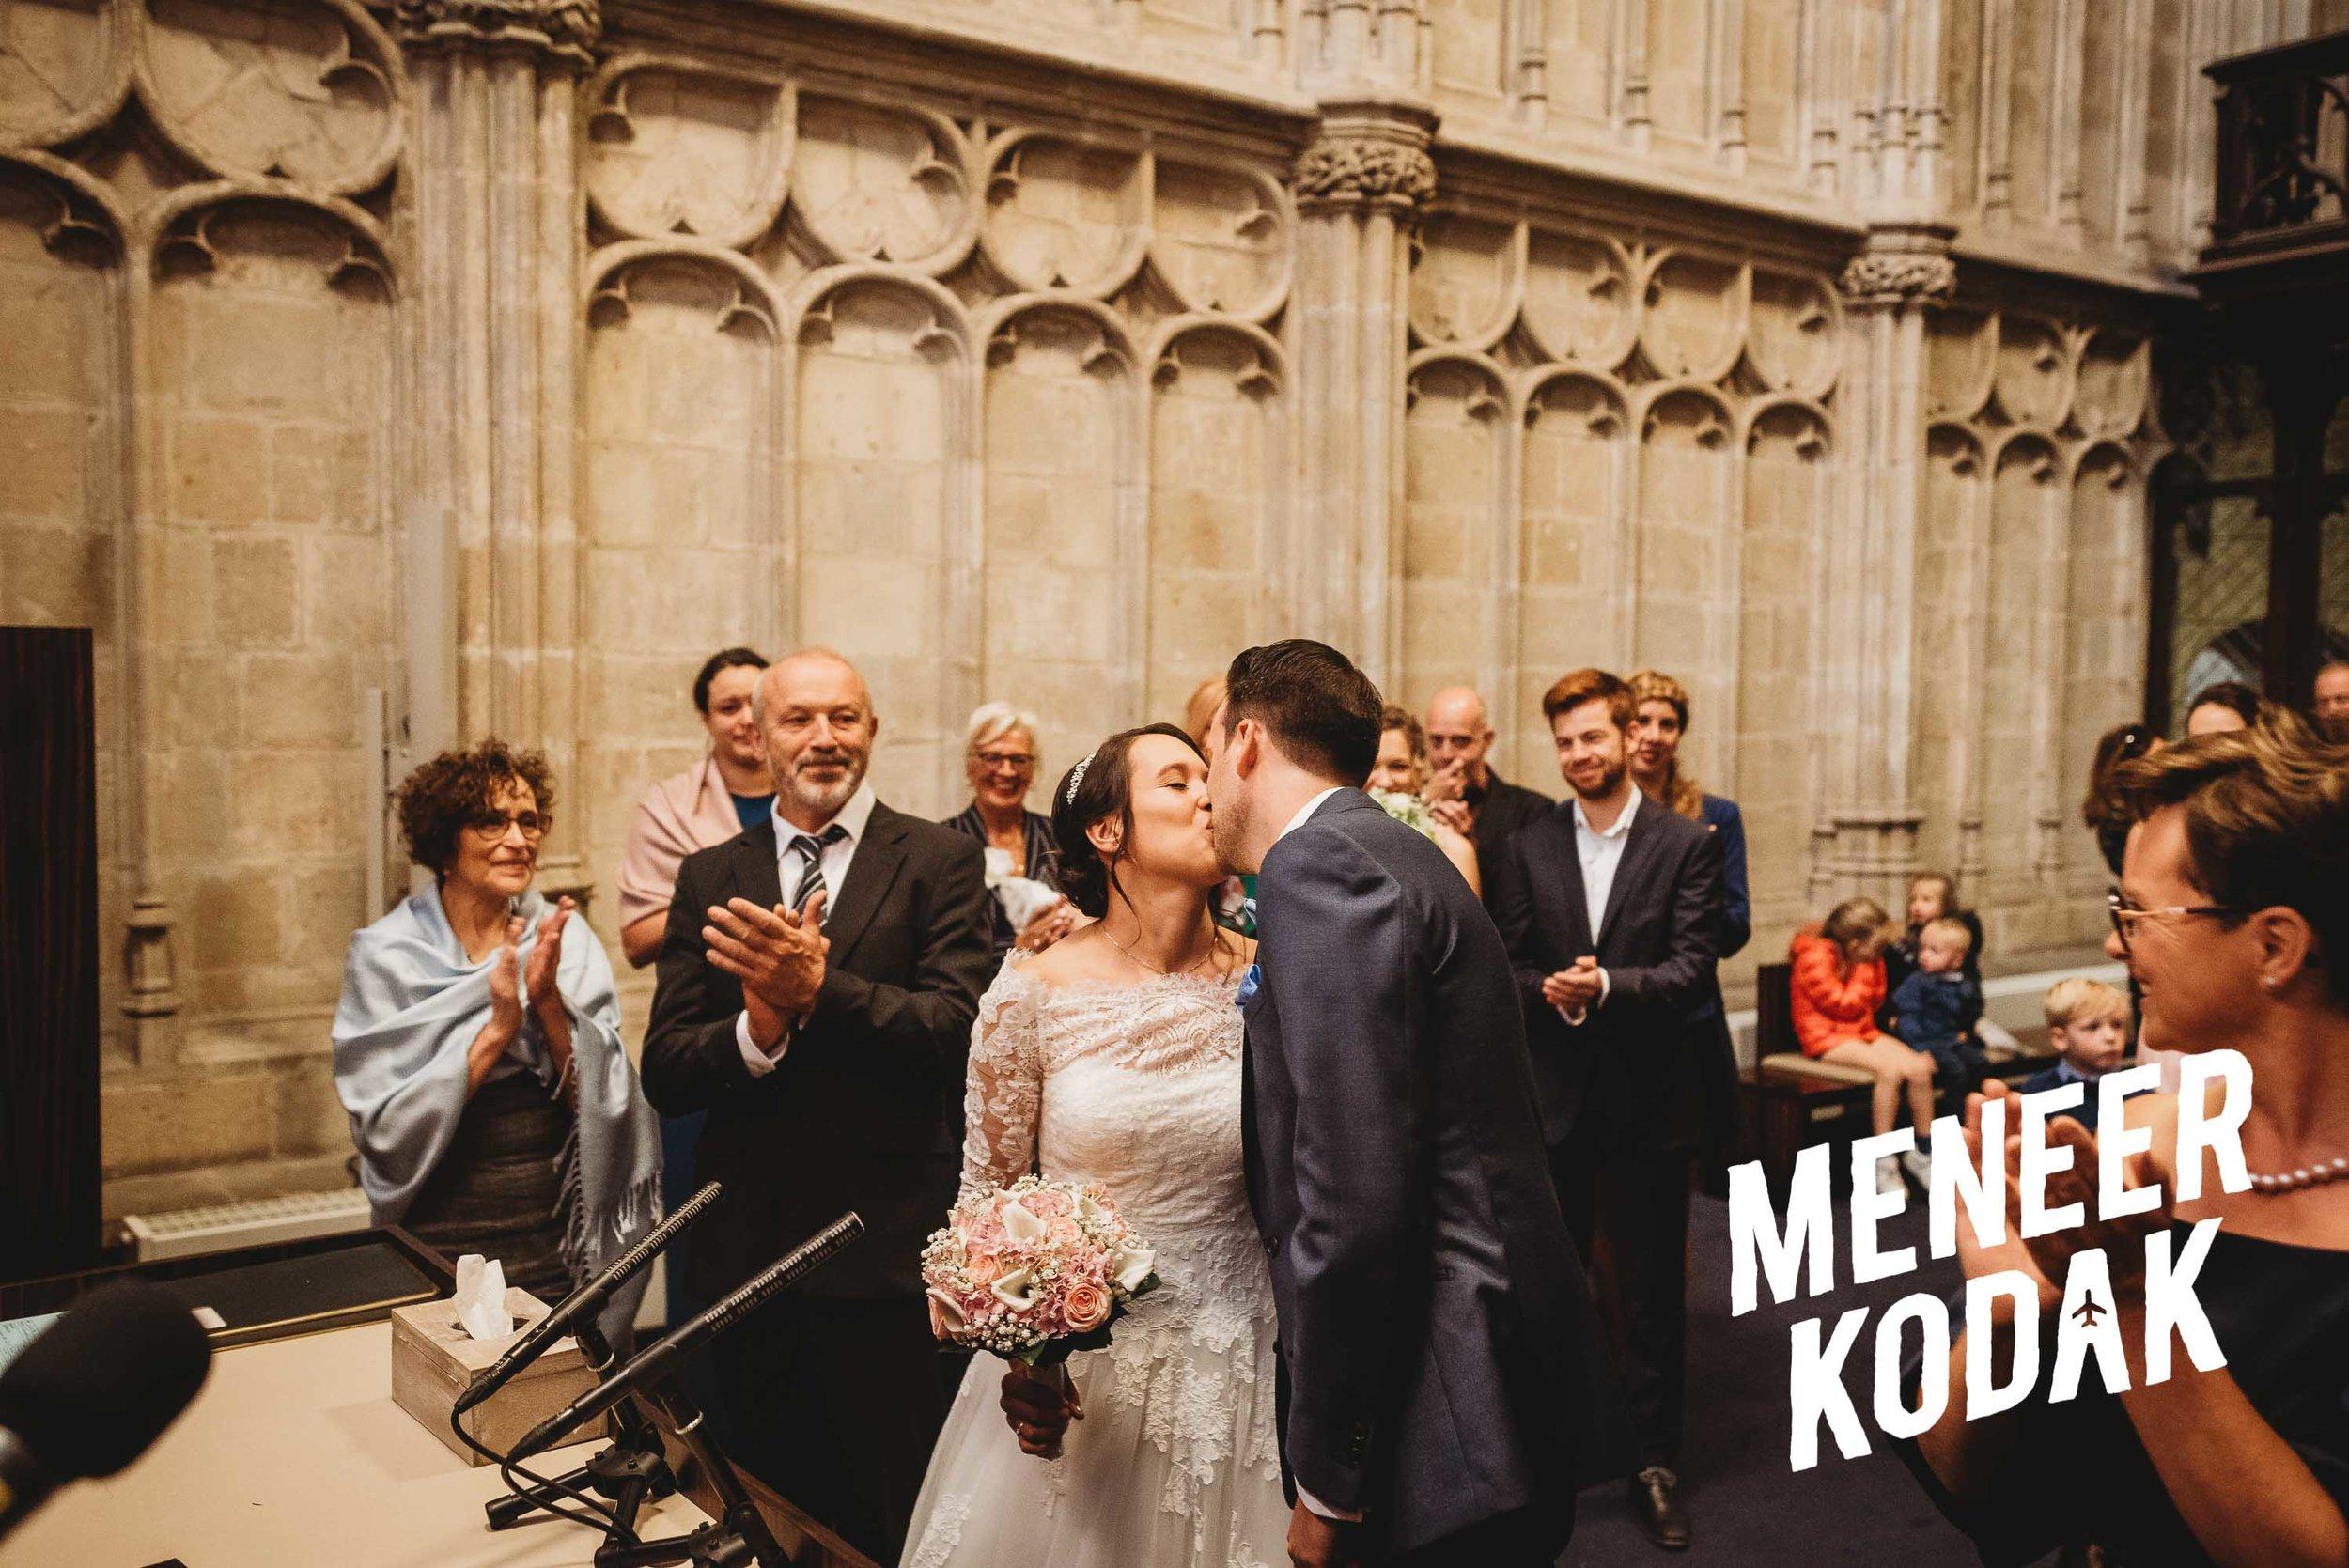 Meneer Kodak - Trouwfotograaf - Gent - D&T-026.jpg